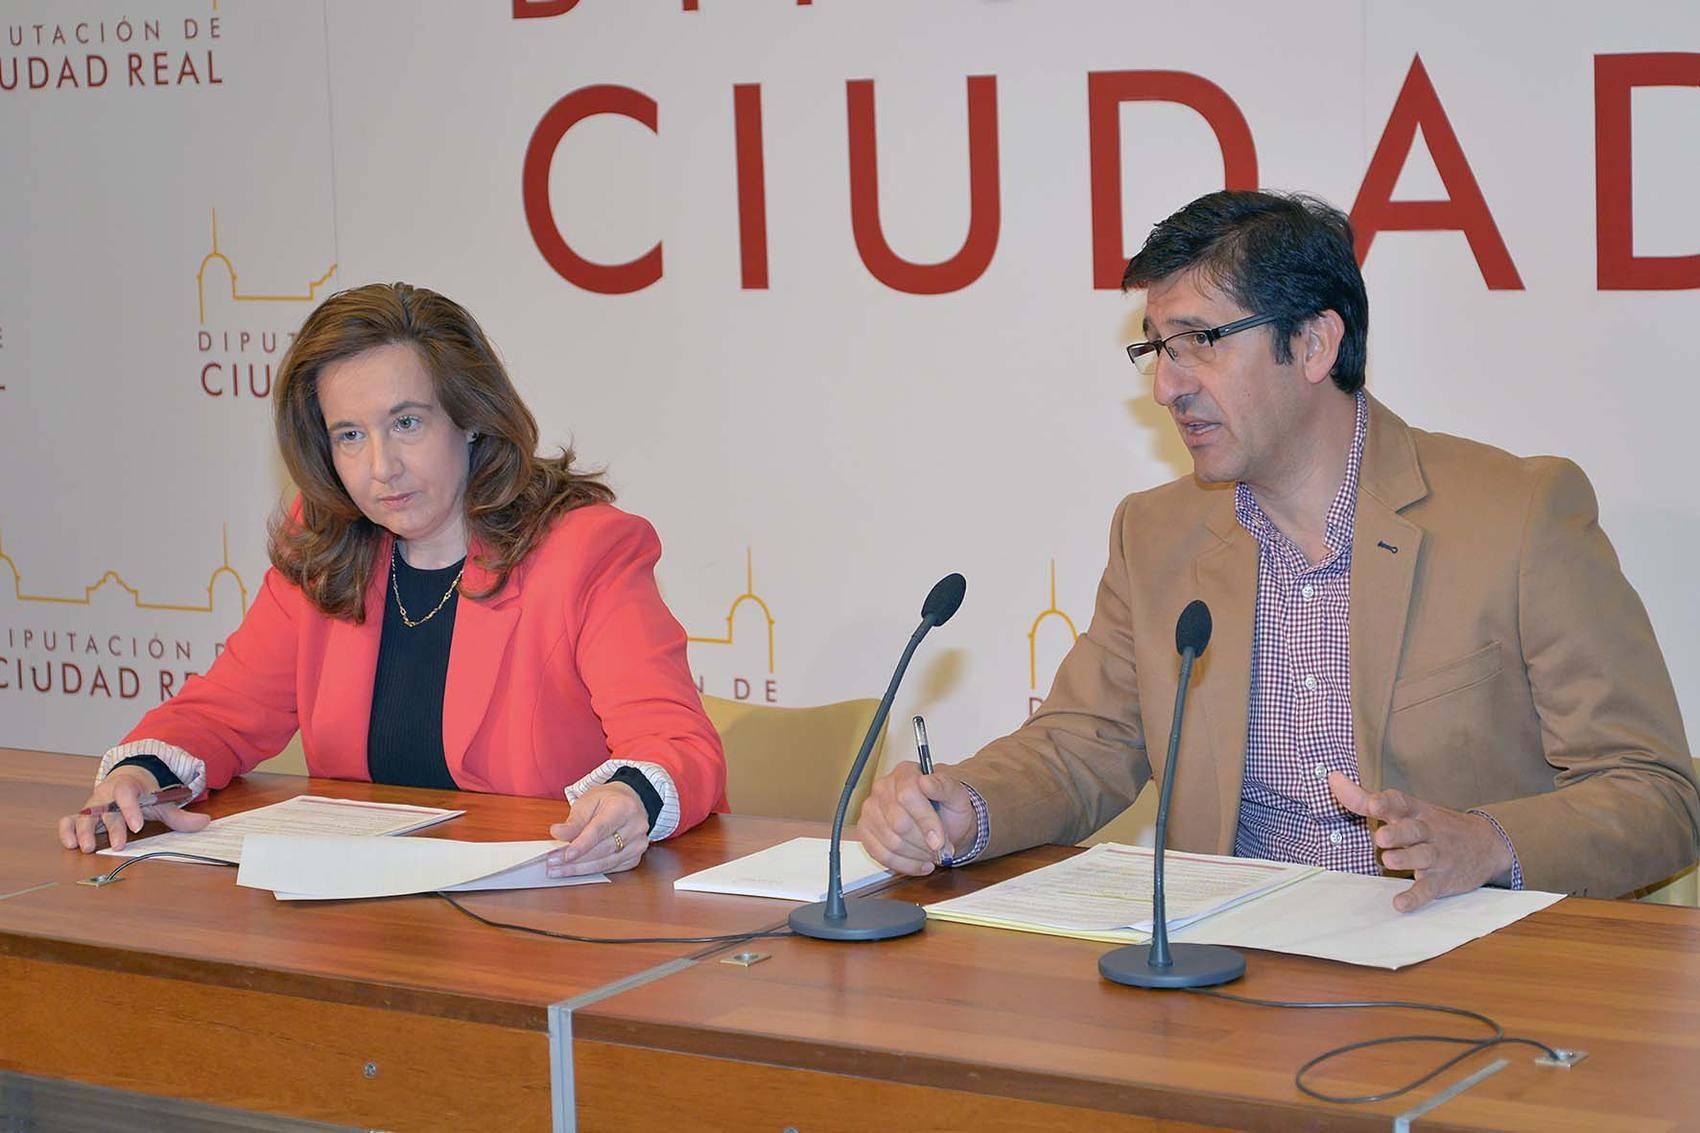 diputacion ciudad real ayuda asociaciones sin animo lucro